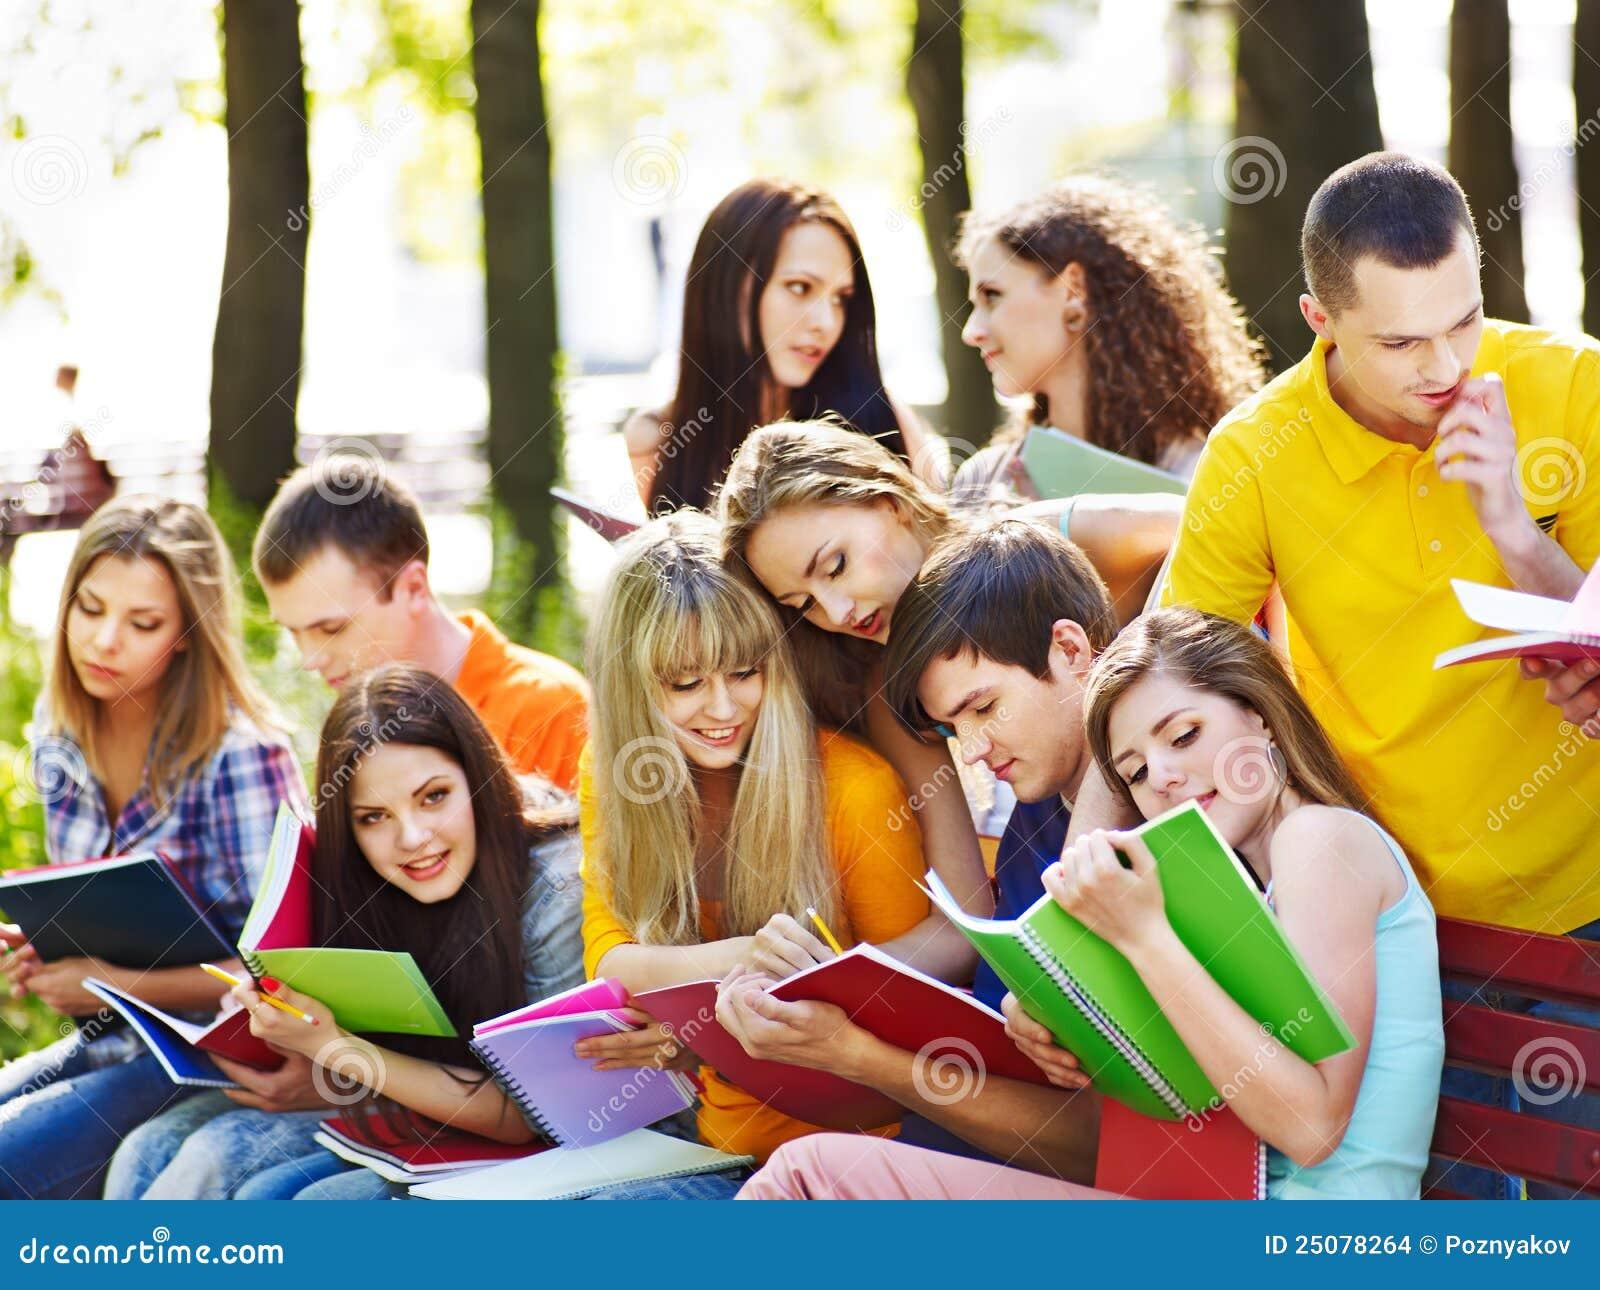 Студенты в озере 2 фотография